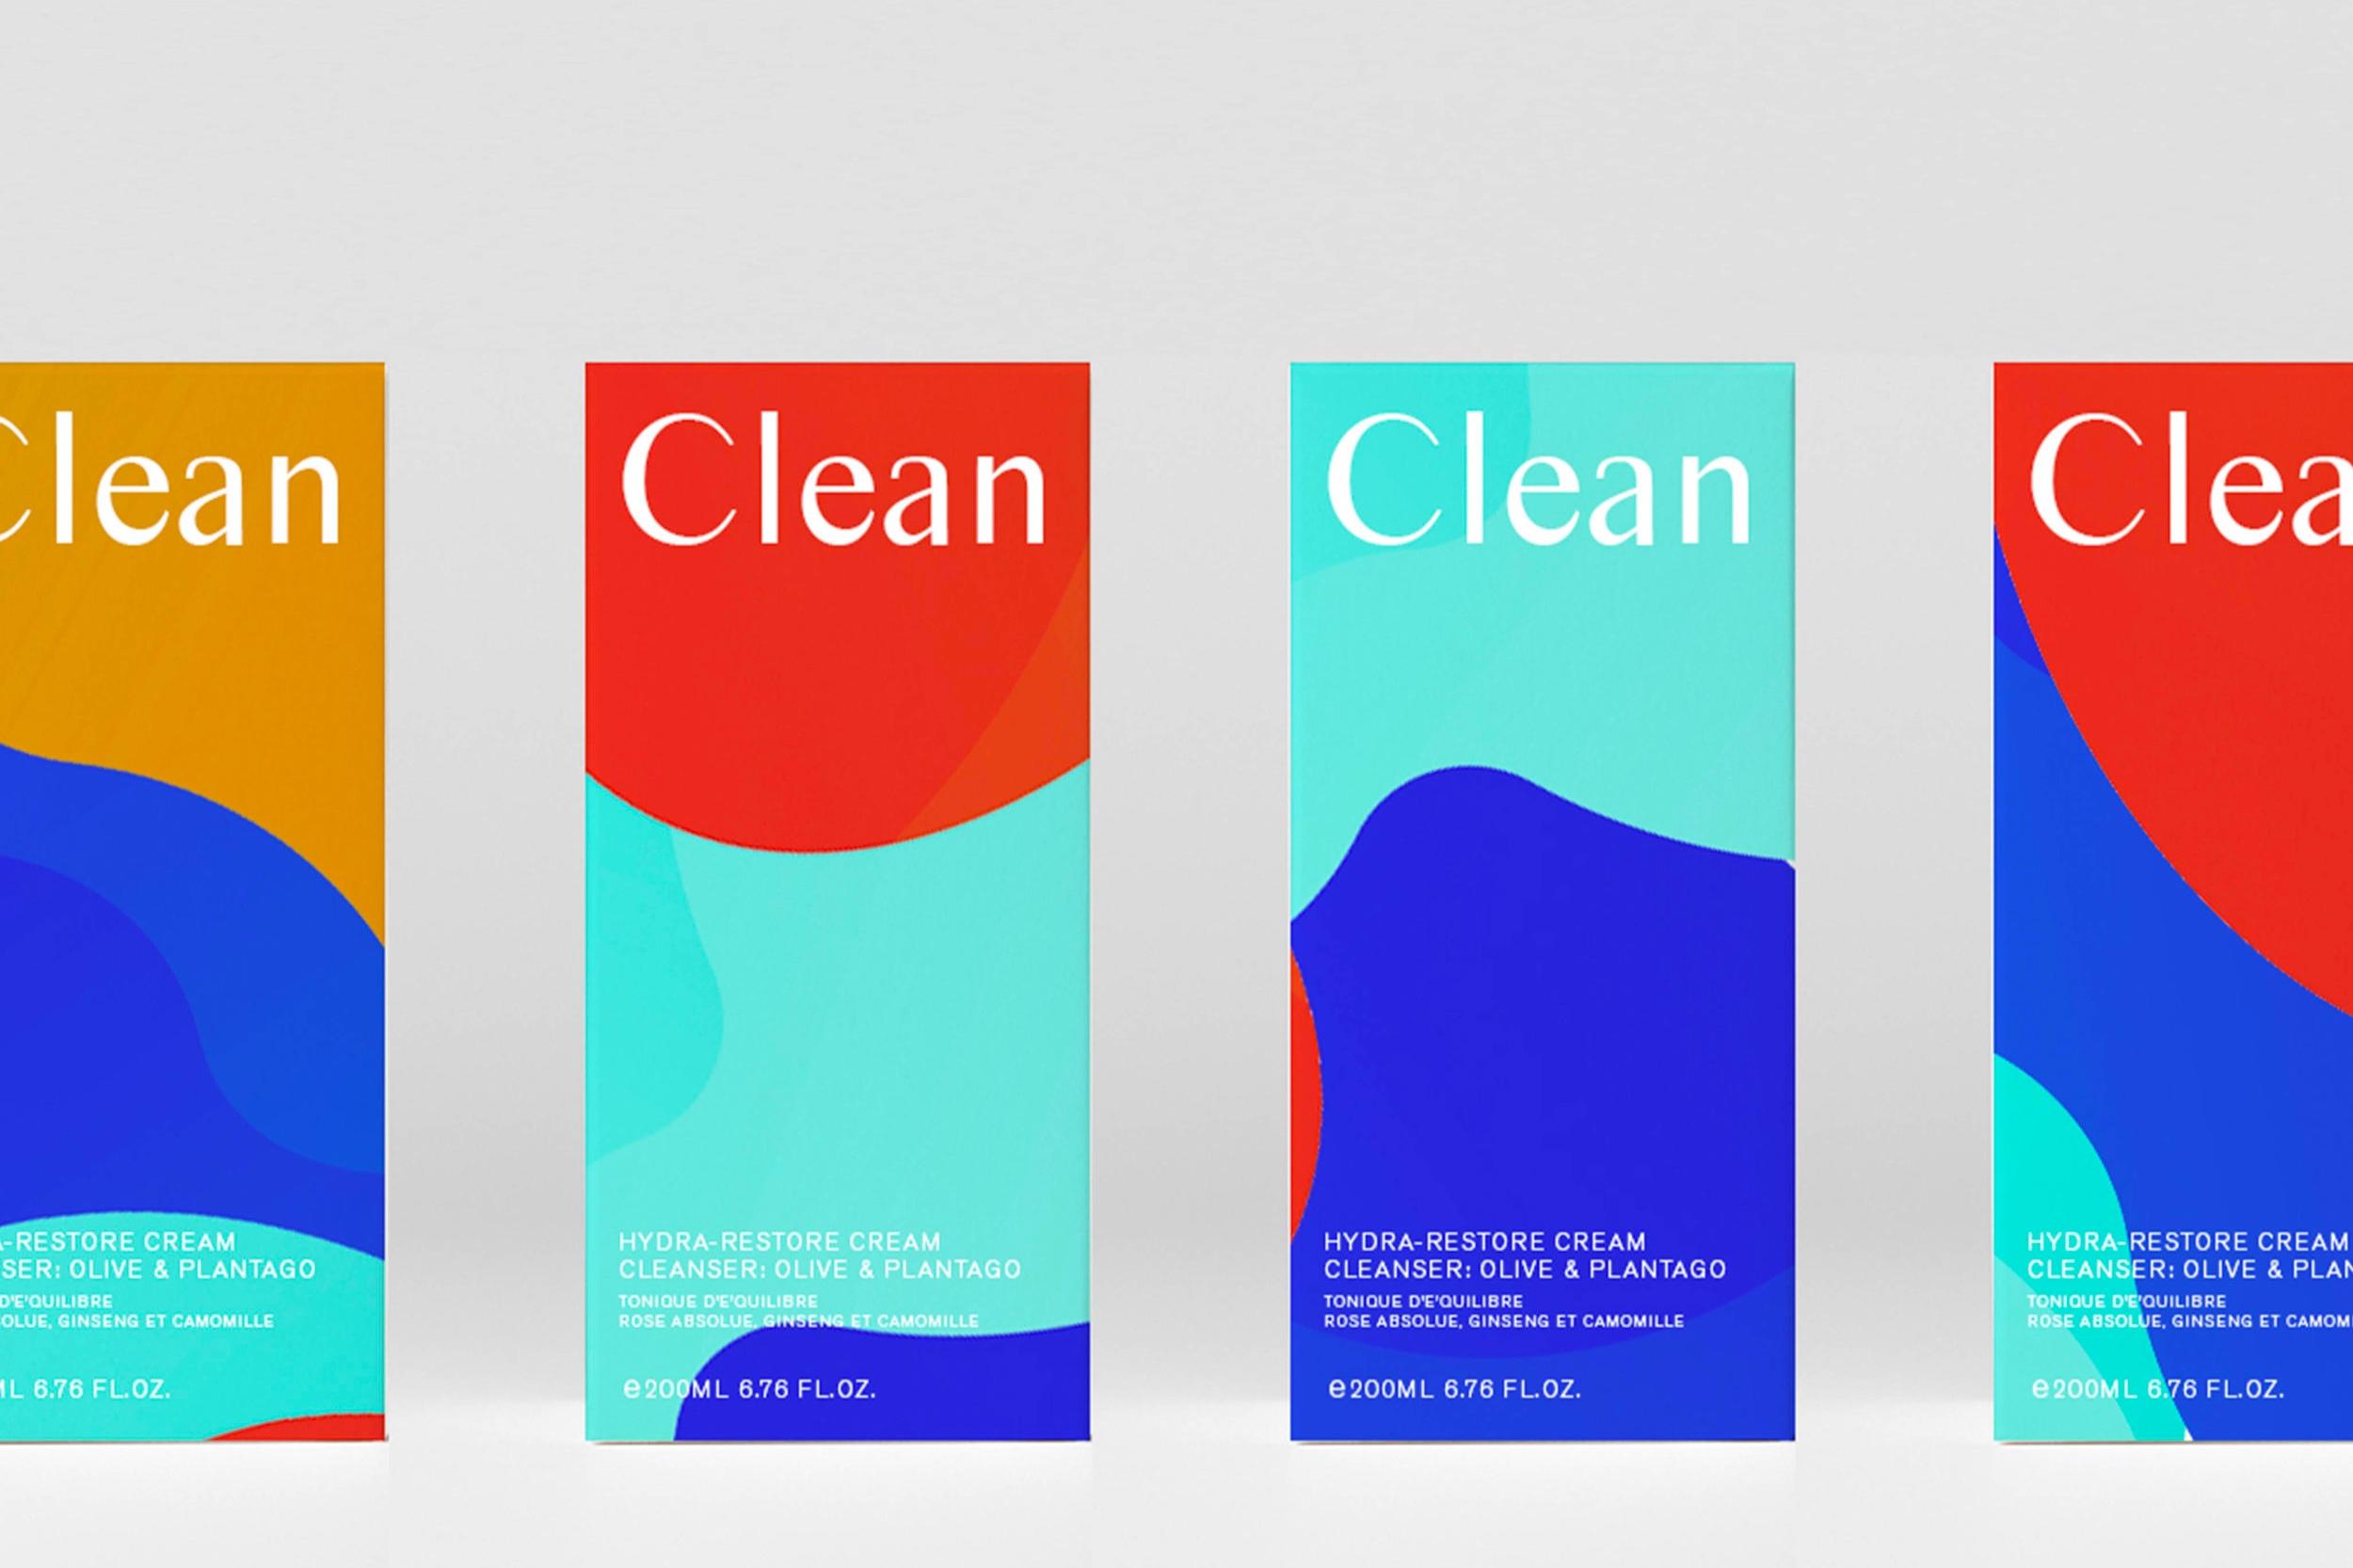 Packaging - Aiuteremo il tuo prodotto a comunicare al meglio con un confezionamento distintivo, funzionale ed estetico, per poter essere riconoscibile ed aumentare il valore percepito del tuo brand.